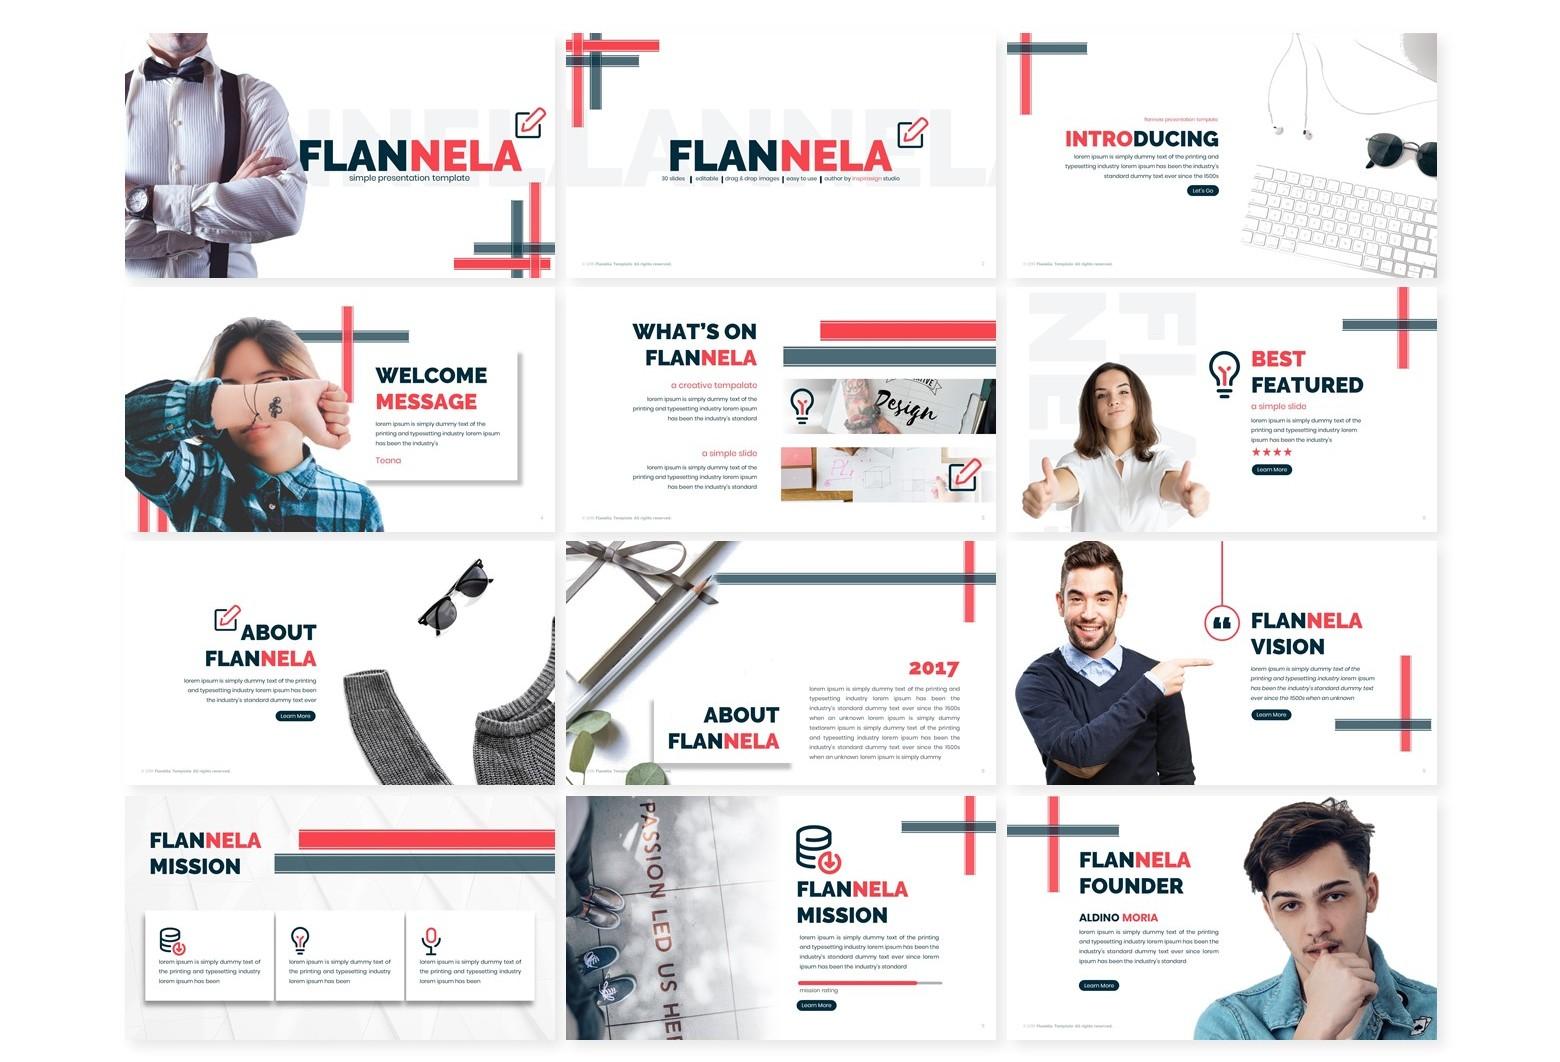 Flannela Google Slide Template - Slide1 45 -